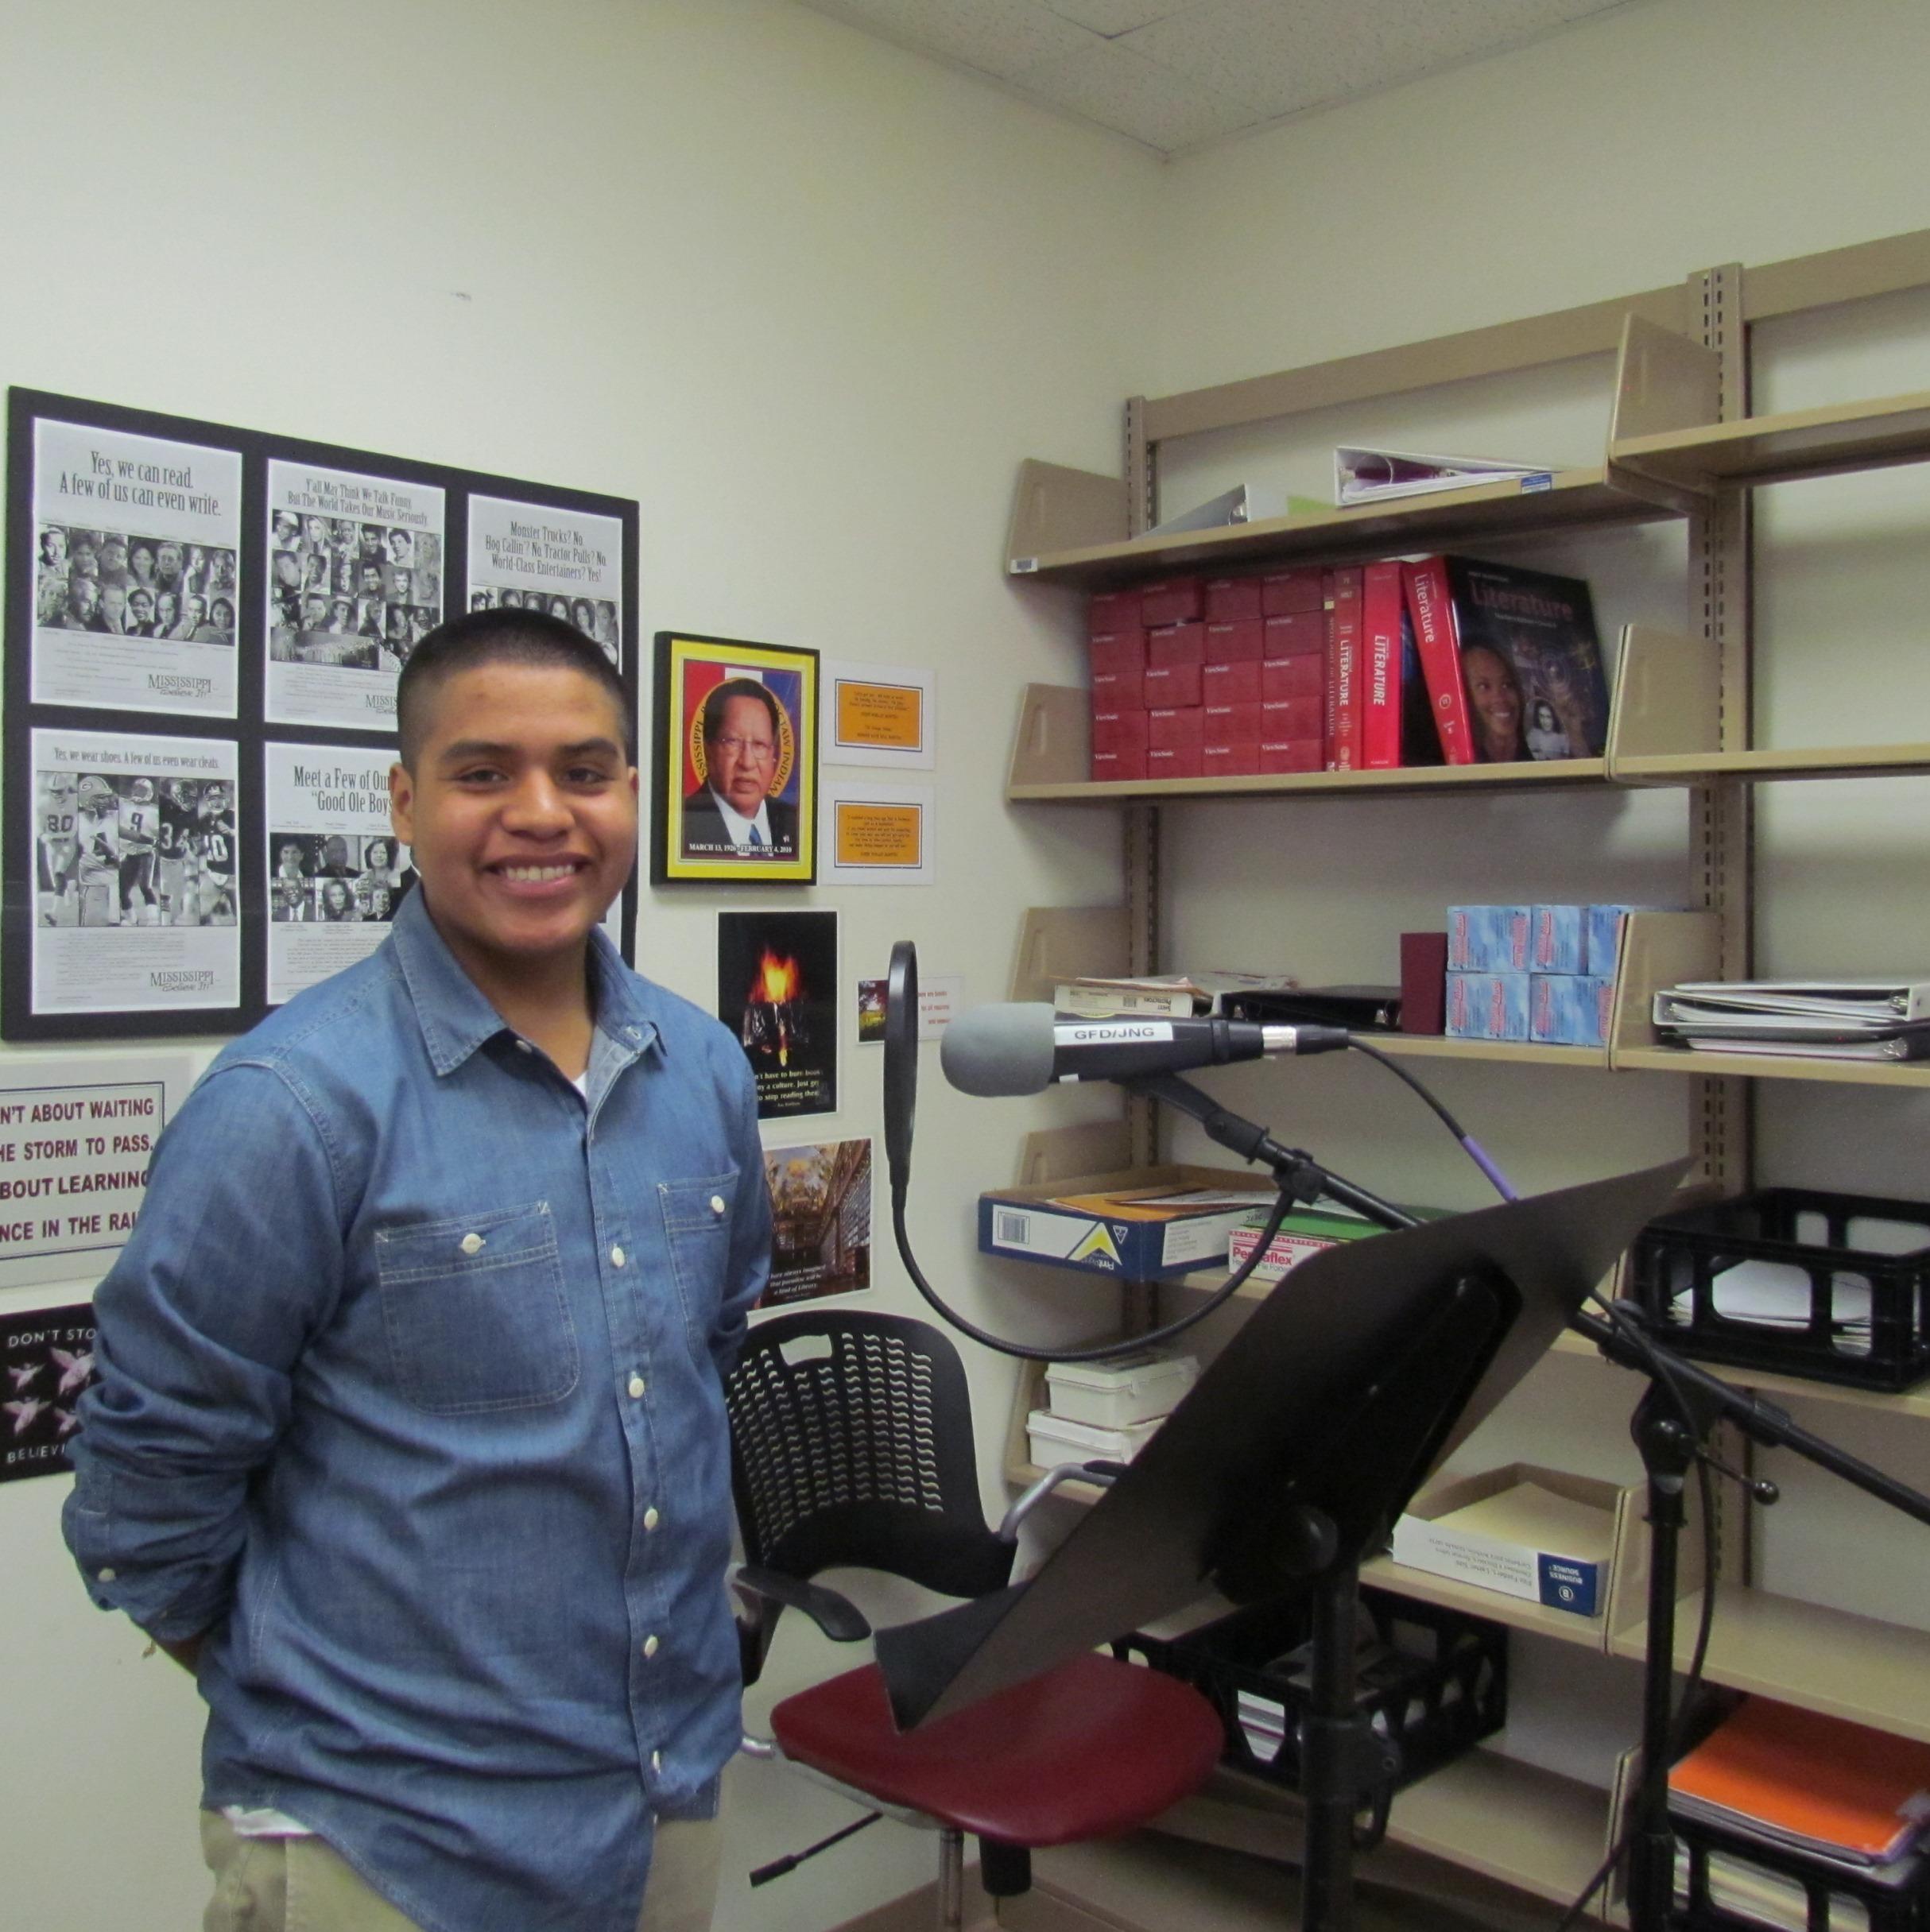 Choctaw Central High School | Choctaw Central High | Choctaw